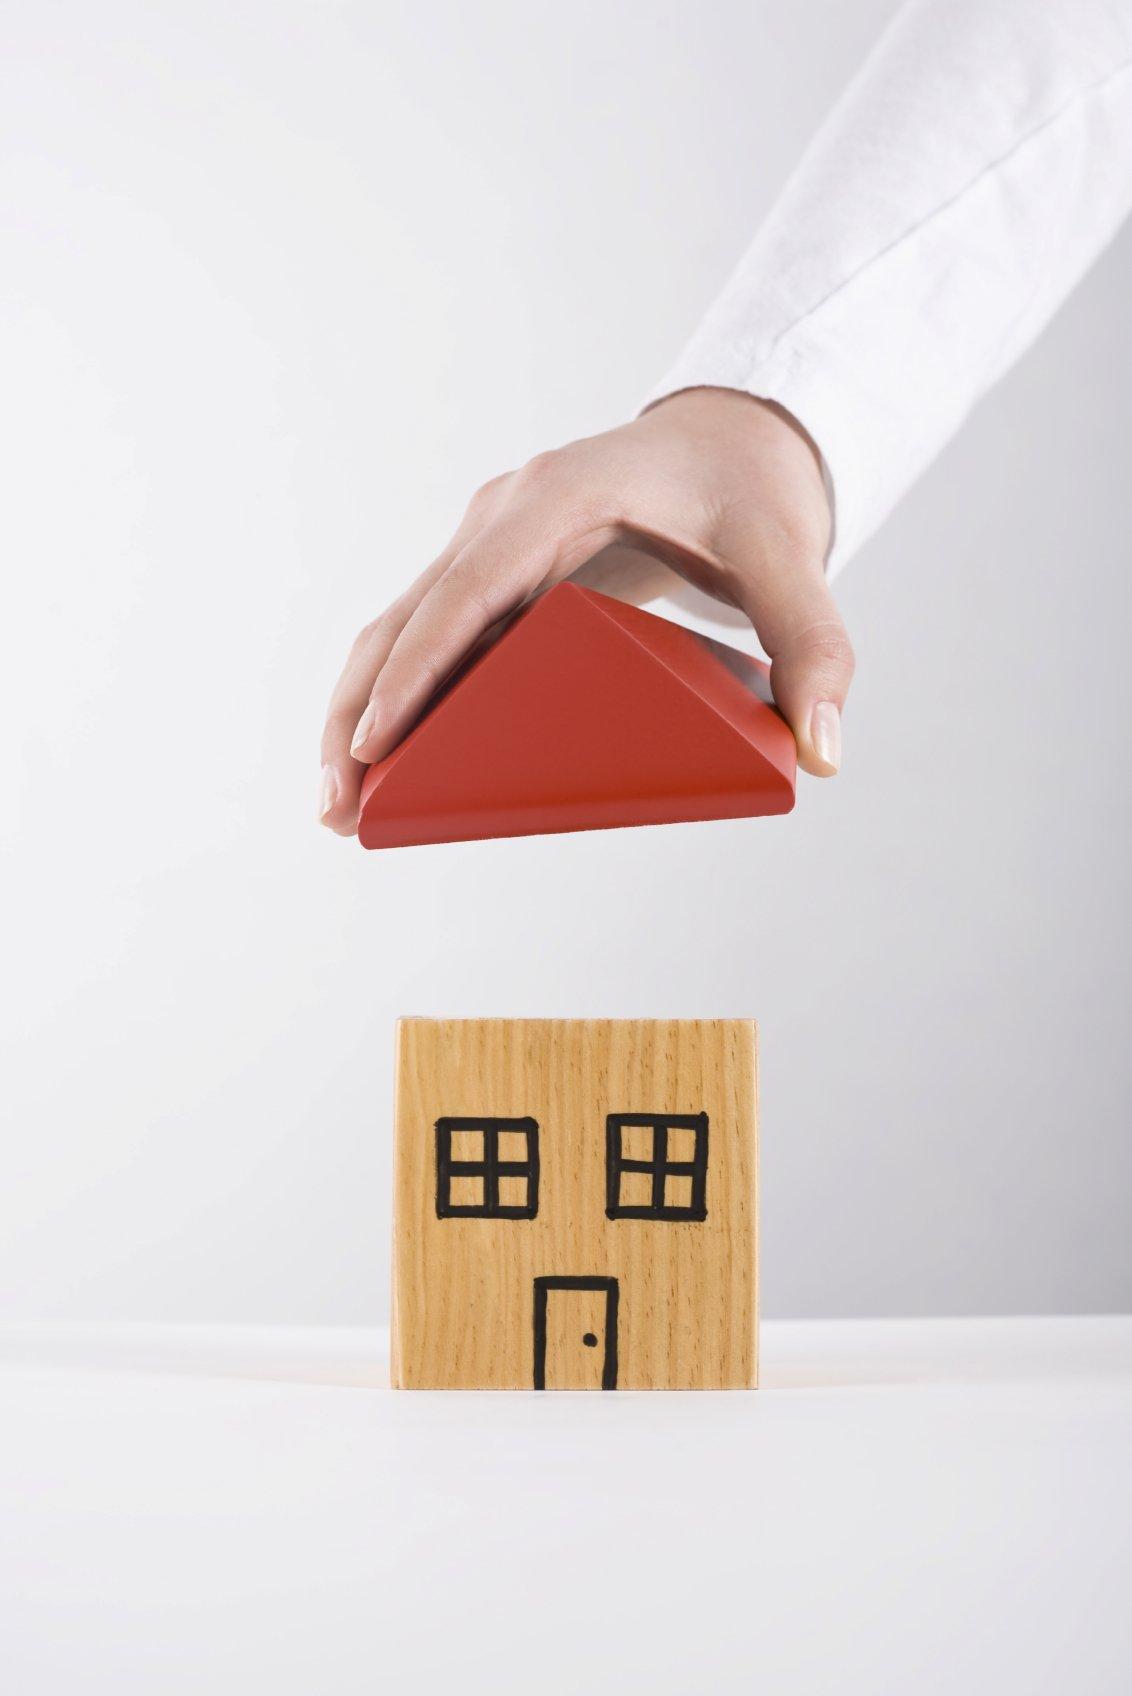 comparateur assurance habitation meilleur prix 2019. Black Bedroom Furniture Sets. Home Design Ideas